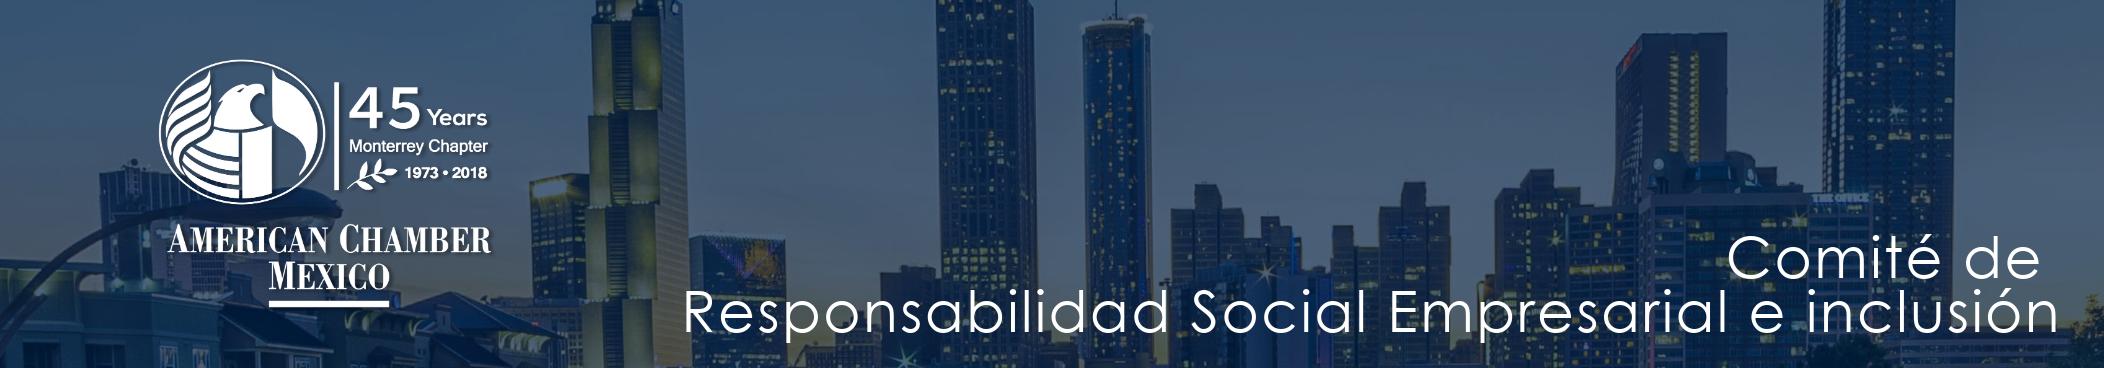 MTY - Comité de Responsabilidad Social Empresarial e Inclusión | El Crecimiento Verde y los ODS como modelo de desarrollo y competitividad para mi empresa